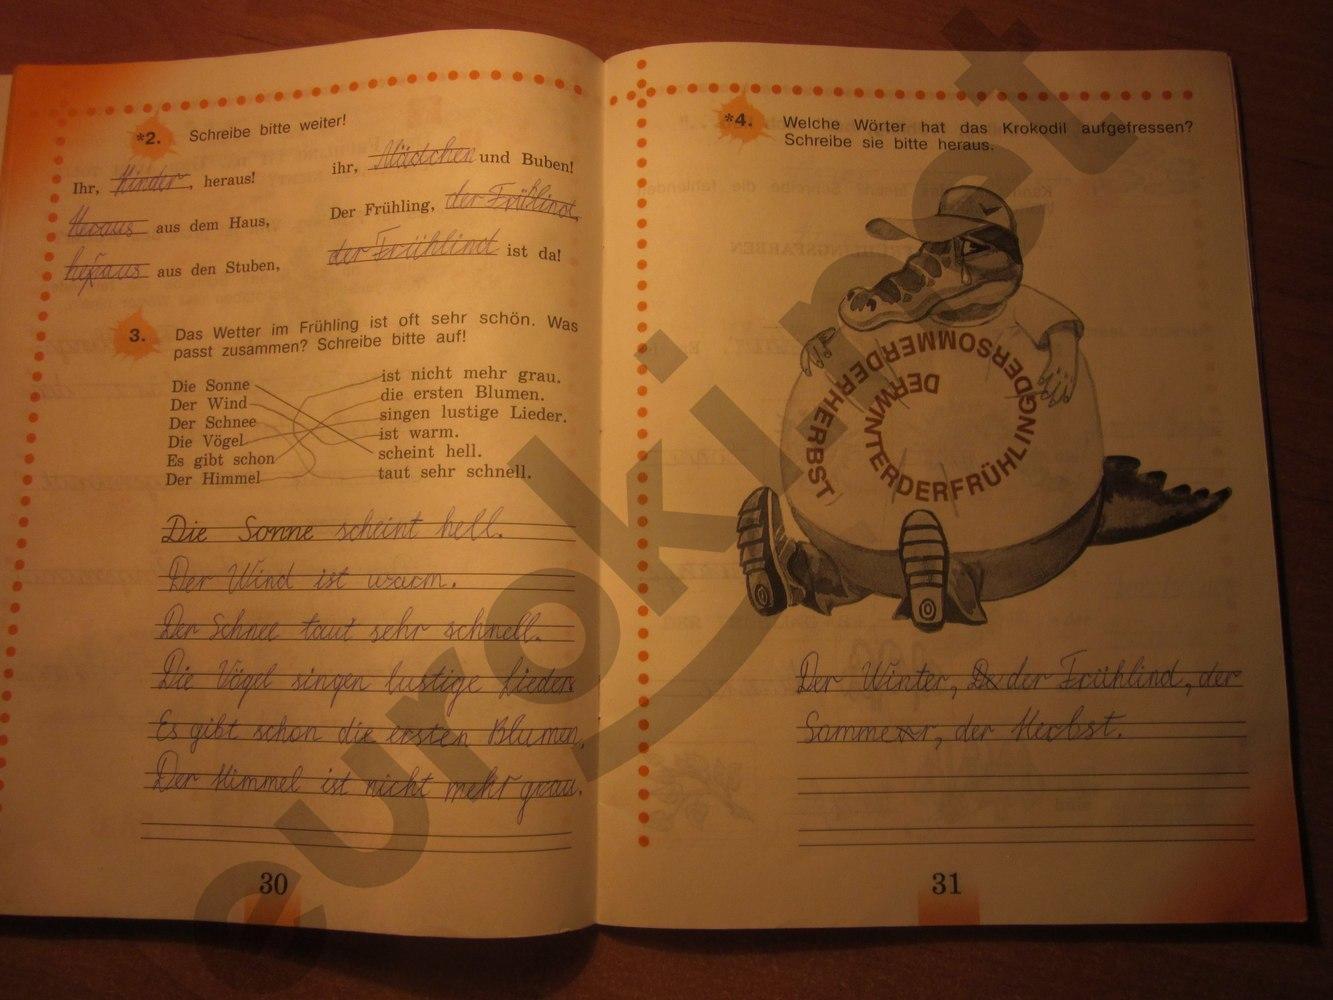 ГДЗ по немецкому языку 3 класс рабочая тетрадь Бим И.Л. Рыжова Л.И. Часть 2. Задание: стр. 30-31